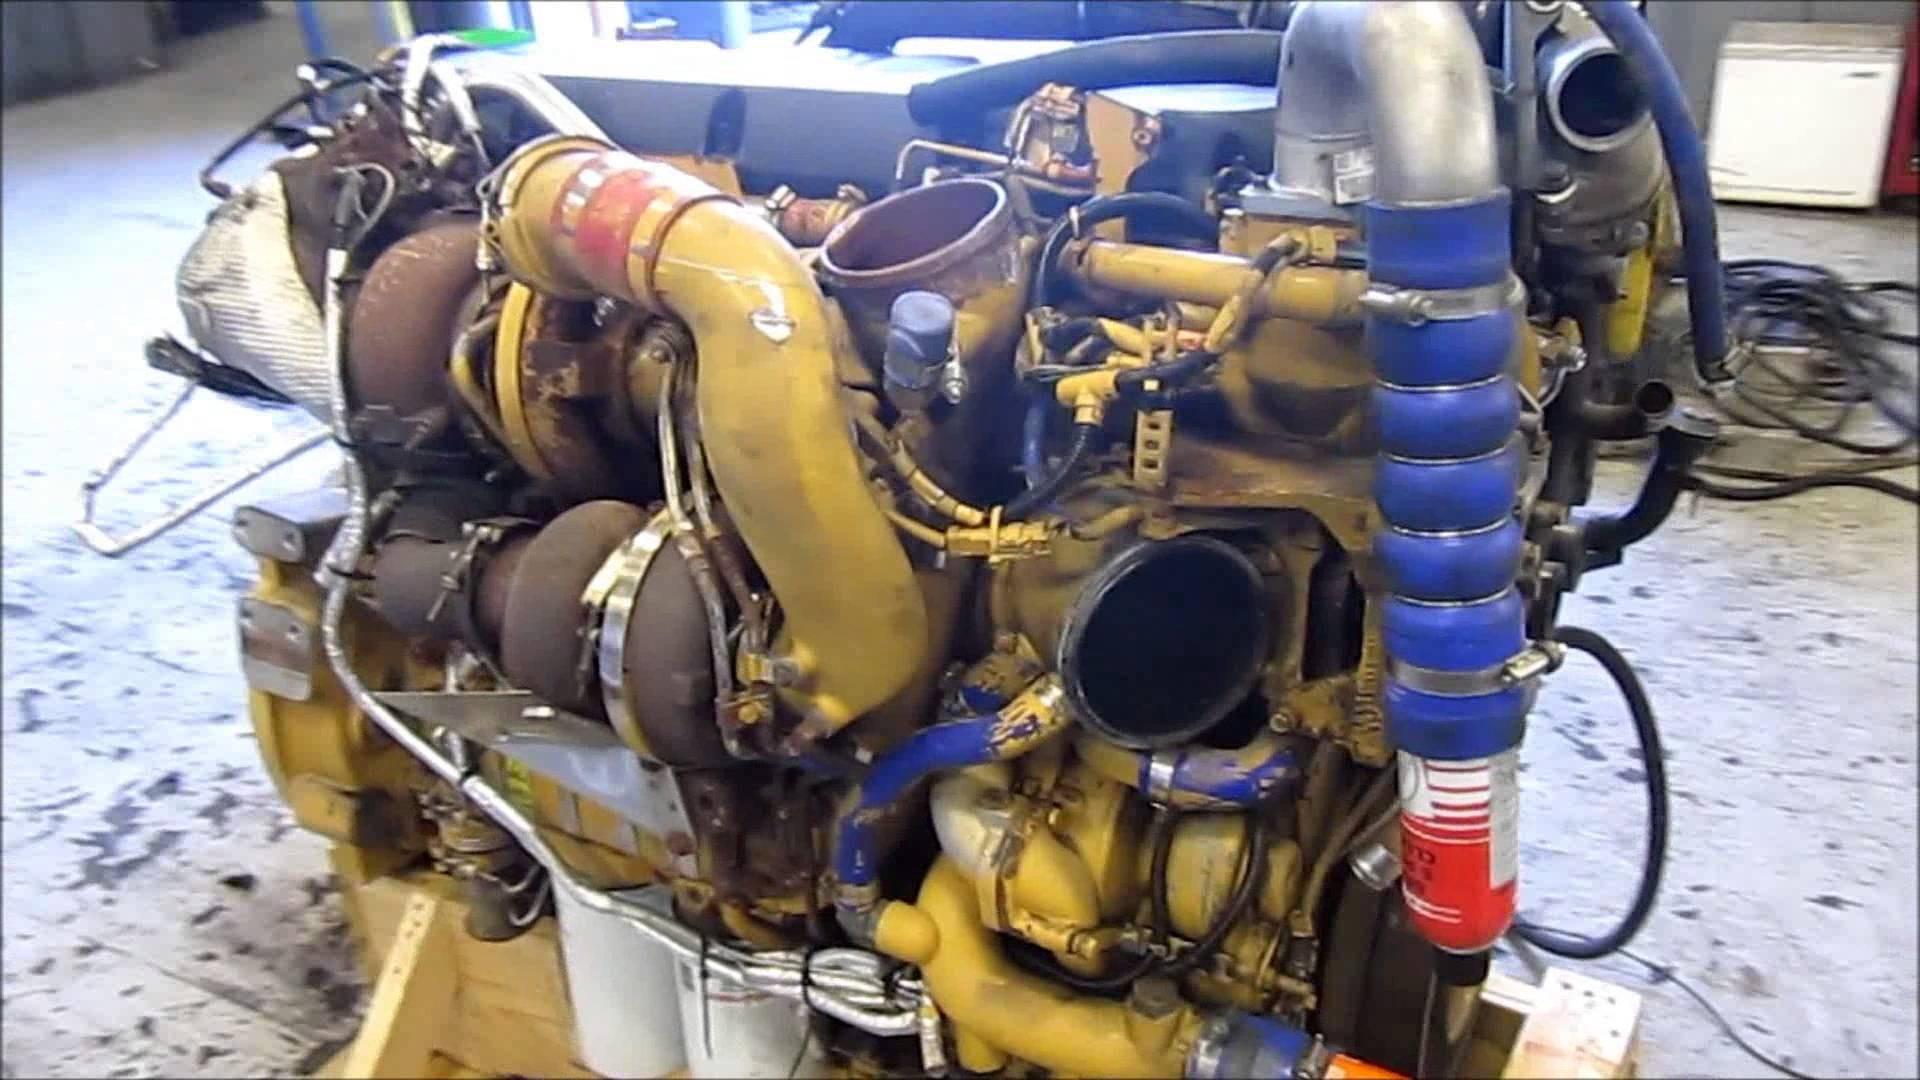 c13 caterpillar engine diagram 2008 caterpillar c13 acert diesel rh detoxicrecenze com C13 Cat Engine Specs cat c13 engine wiring diagram